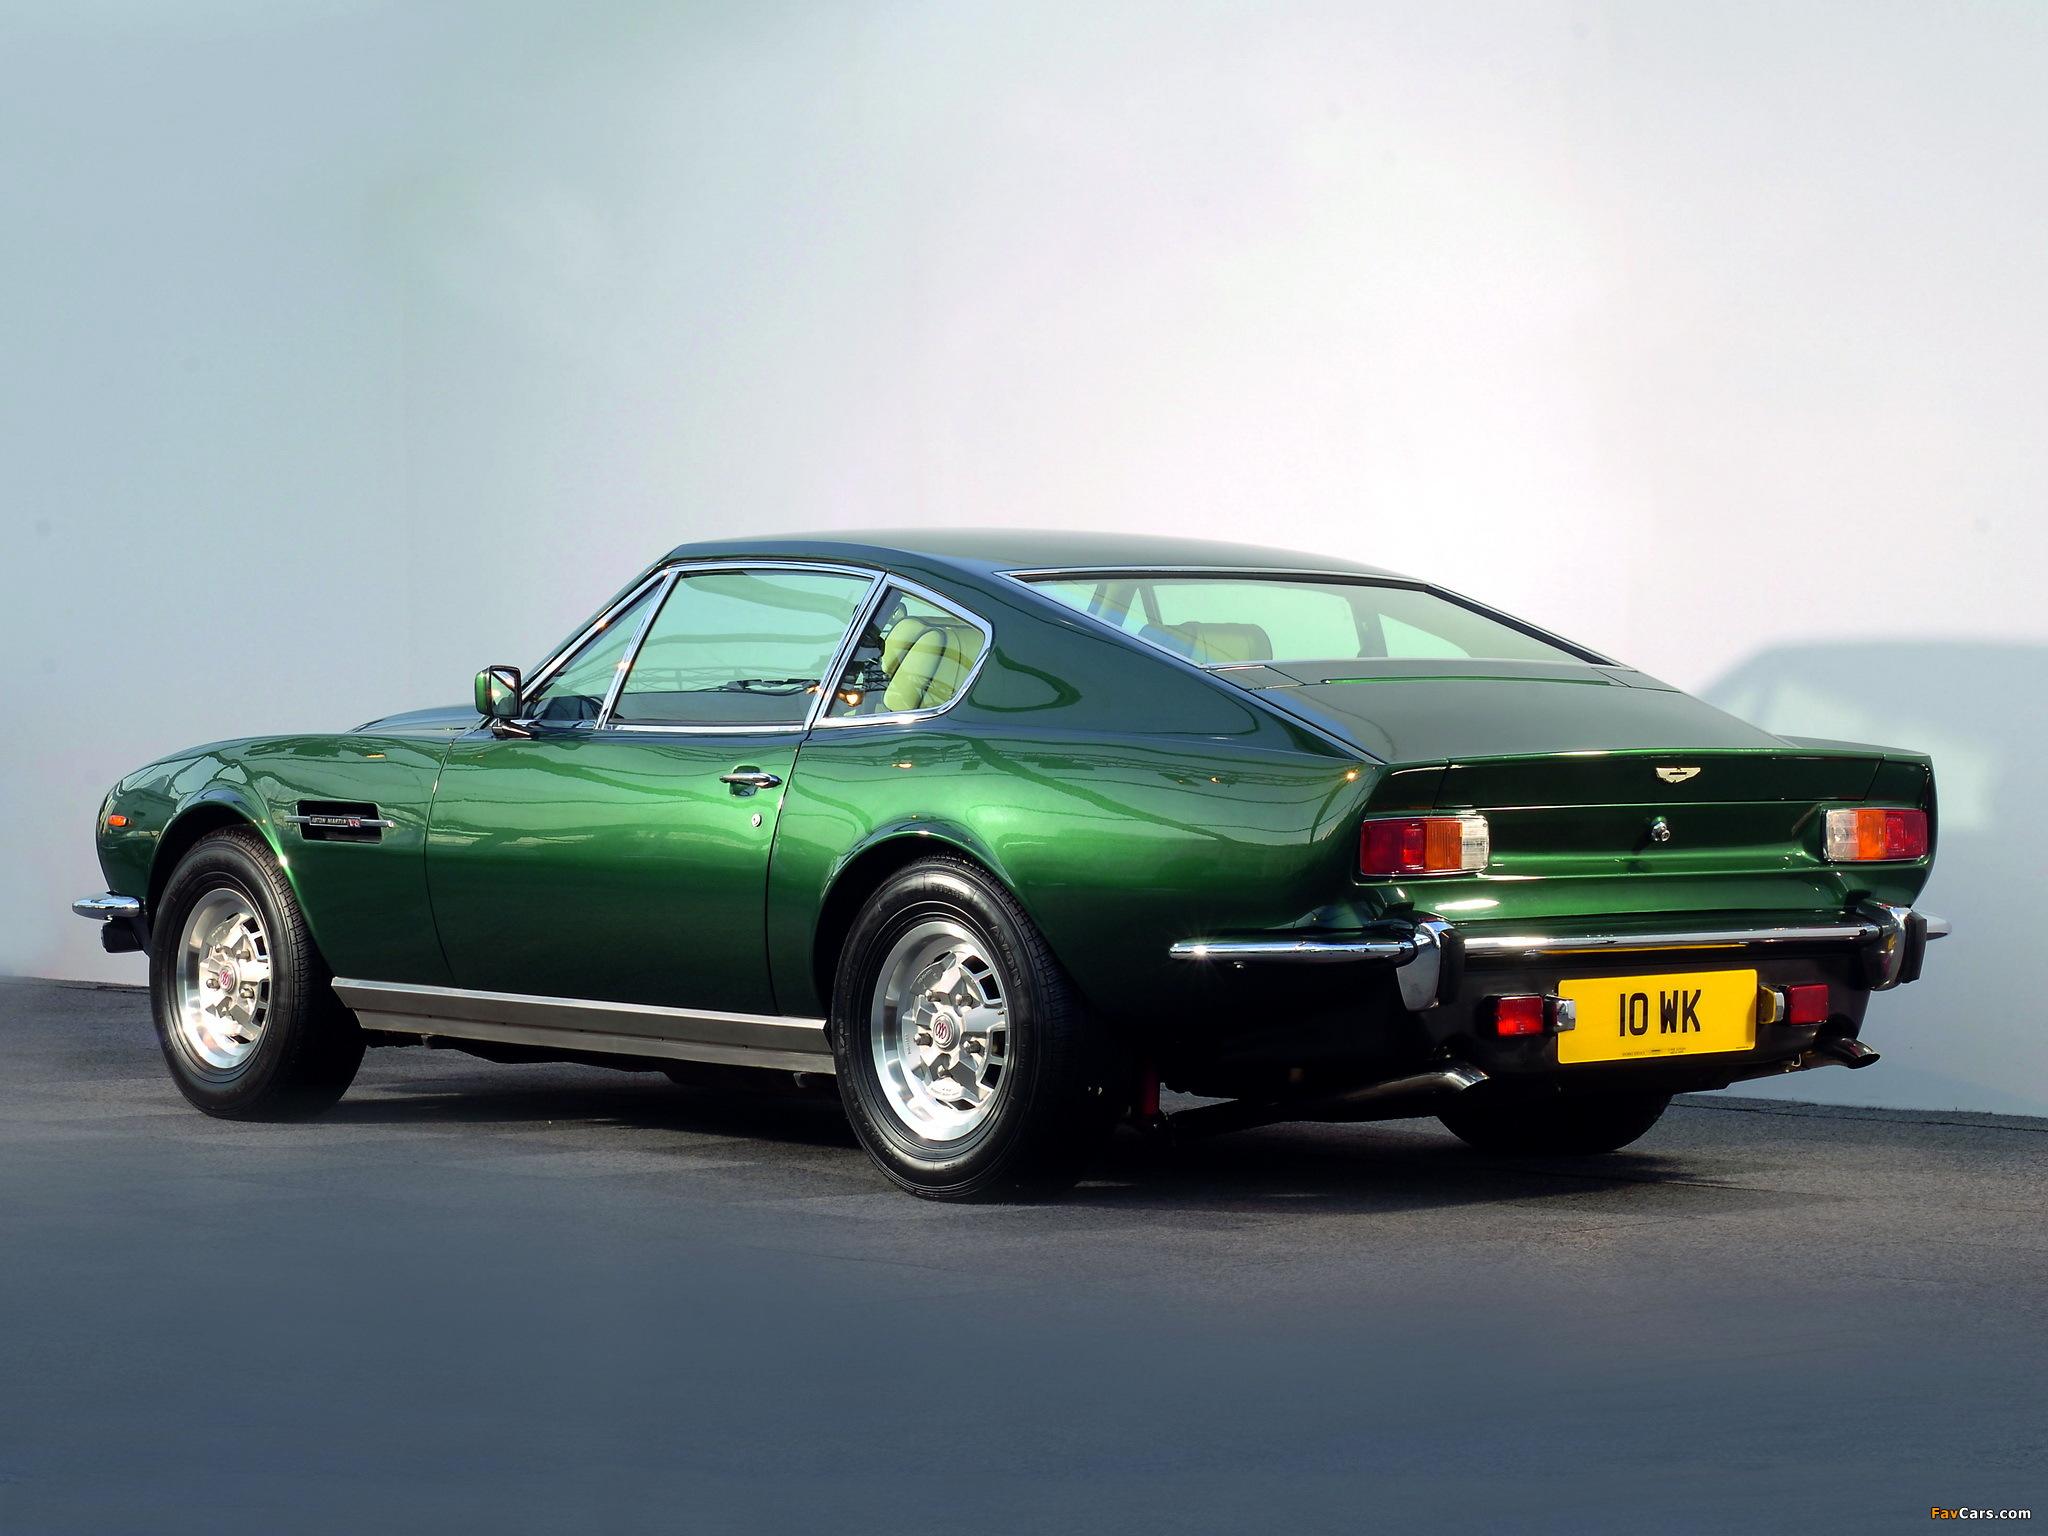 http://img.favcars.com/aston-martin/v8/aston-martin_v8_1977_pictures_6.jpg